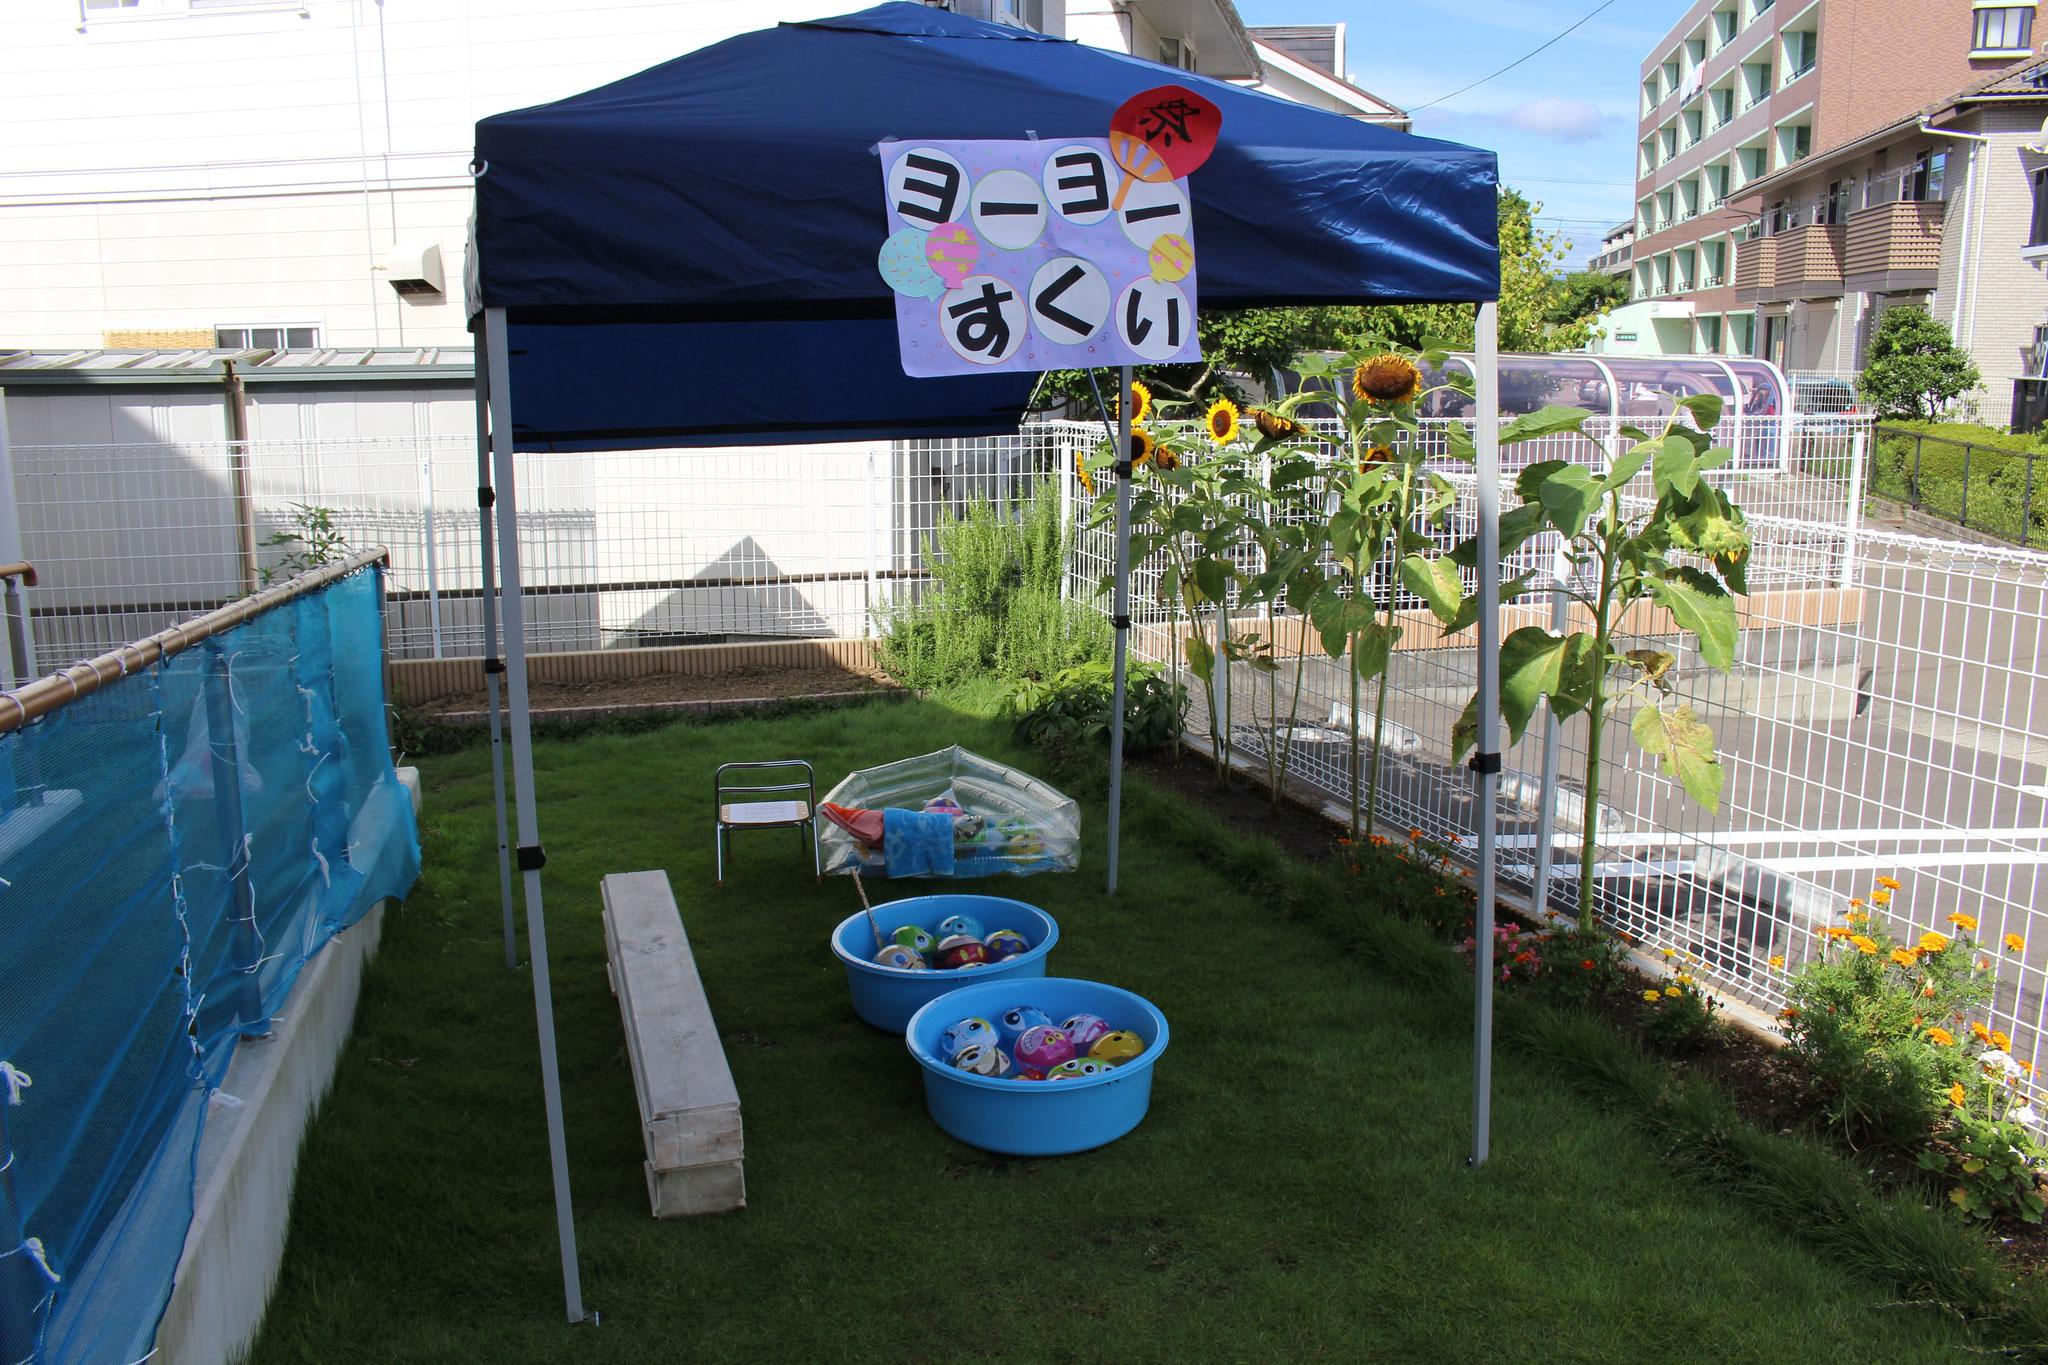 <園庭>みんな大好き ディズニーキャラyo-yoをゲットしたね\(^_^)/